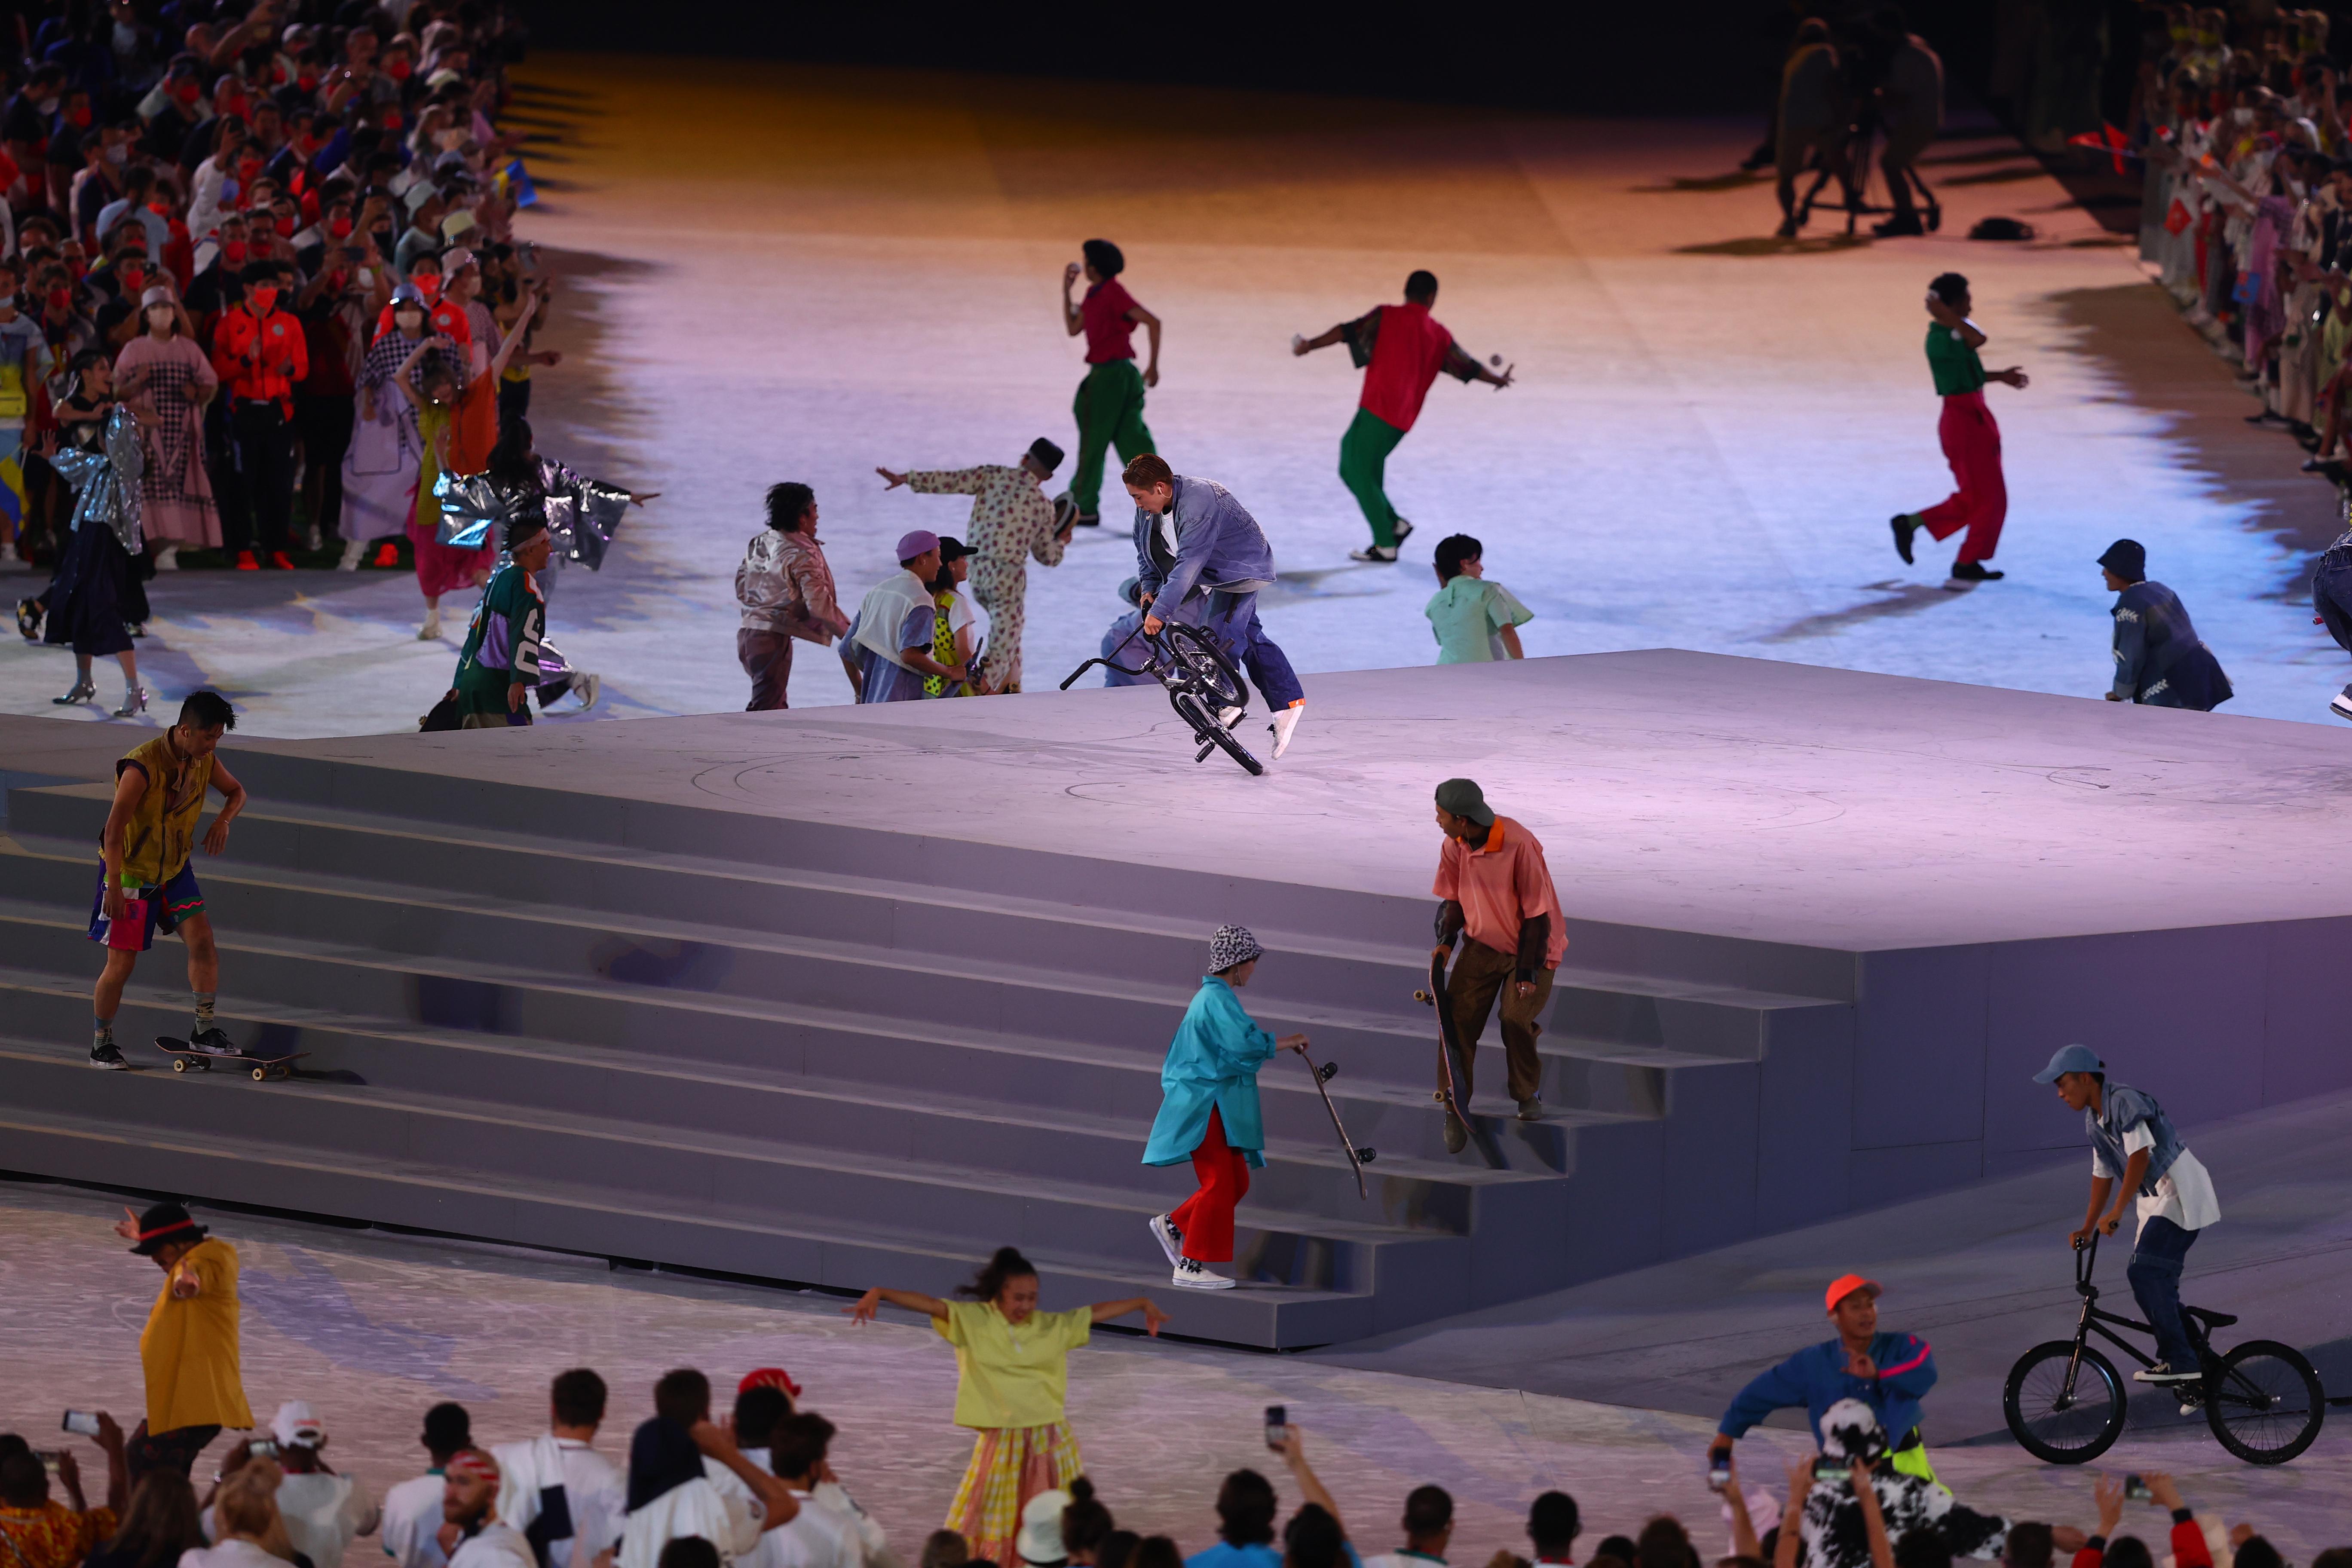 एथलीट्स को अपने परफॉर्मेंस से एंटरटेन करते आर्टिस्ट।